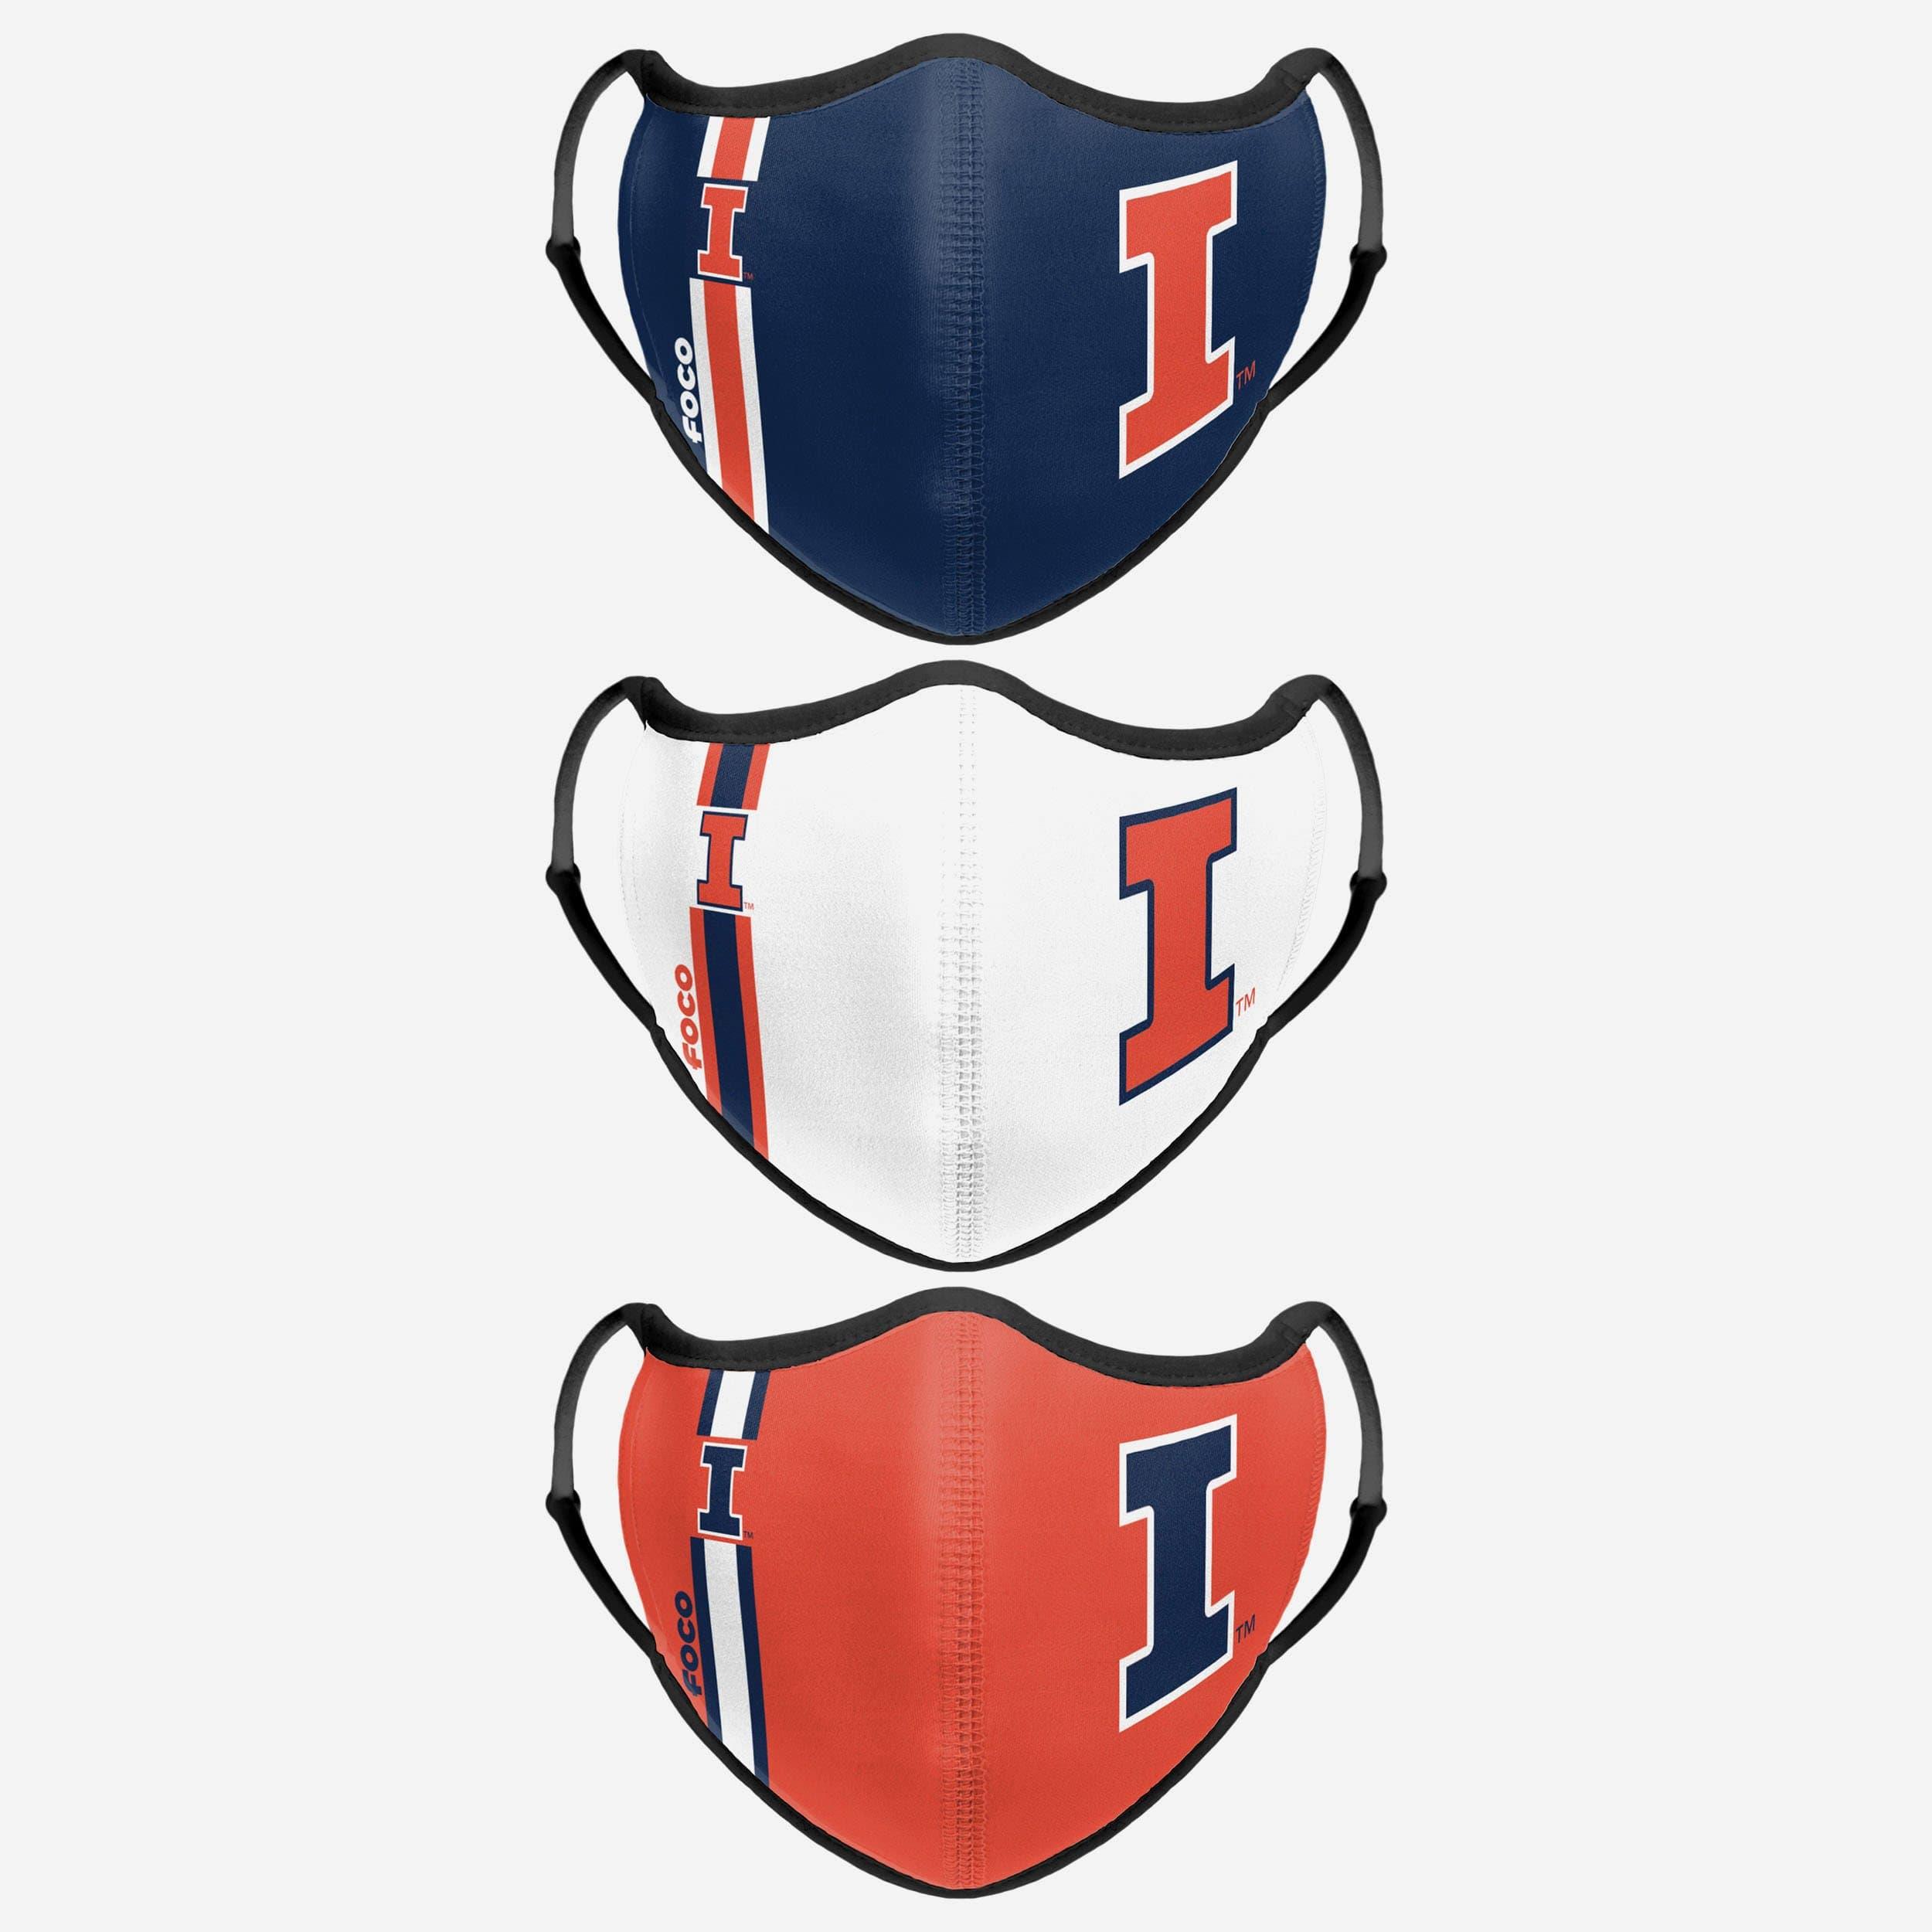 FOCO Illinois Fighting Illini Sport 3 Pack Face Cover